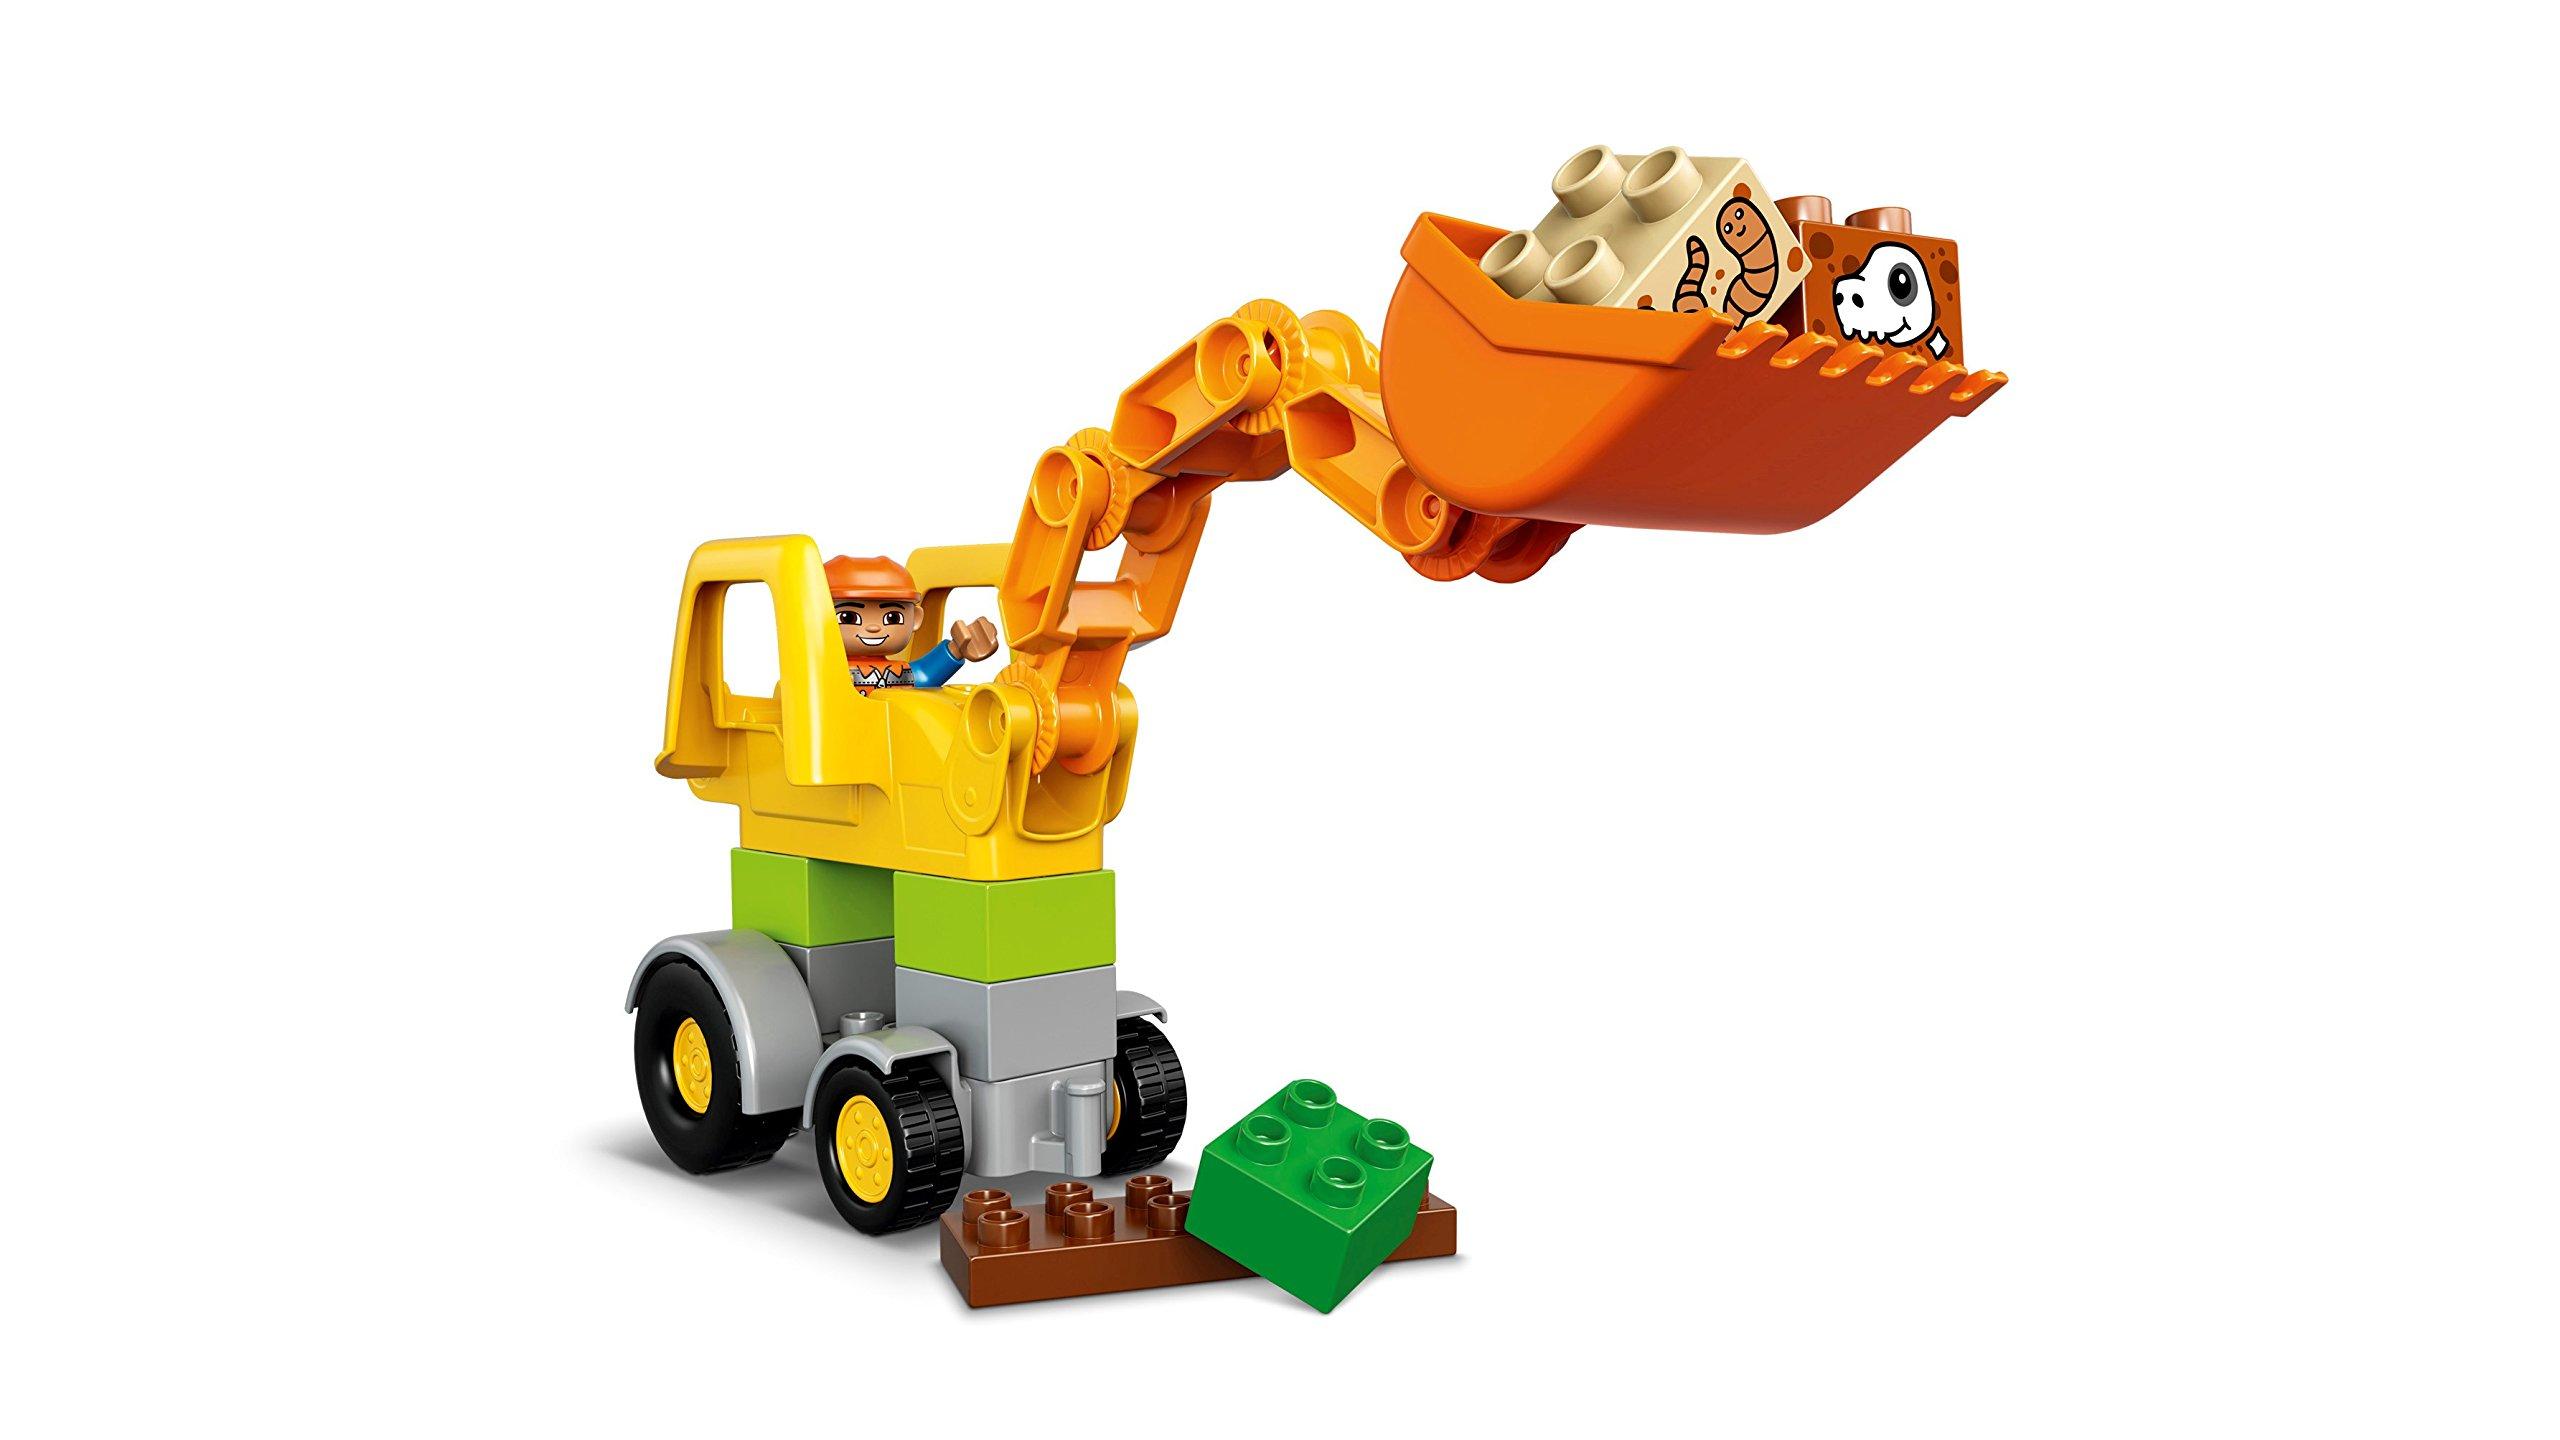 LEGO Duplo Camion e Scavatrice Cingolata con Due Personaggi, Set di Costruzioni per Bambini da 2-5 Anni, Multicolore… 4 spesavip